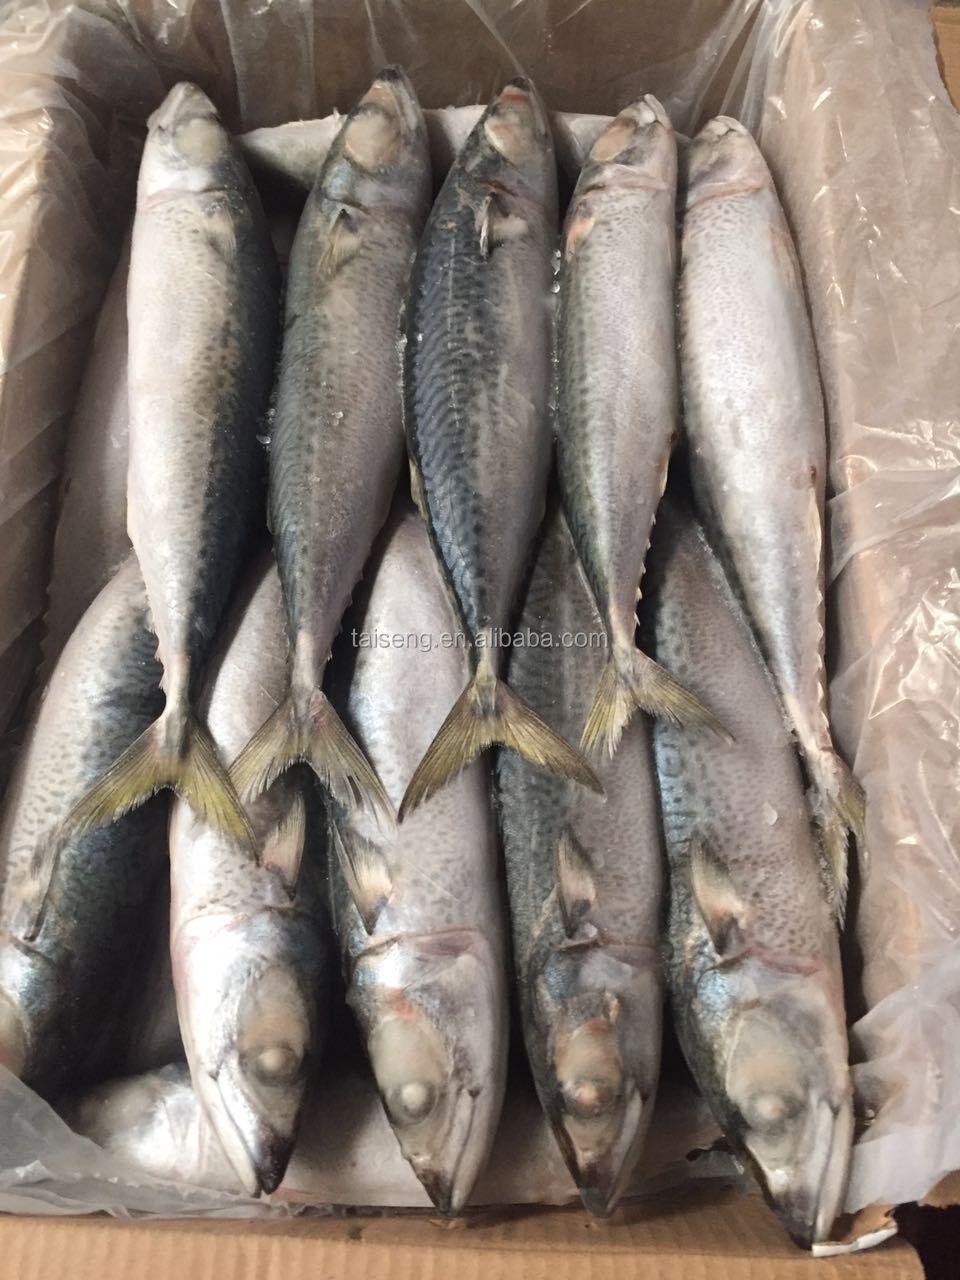 Uskumru Balığının Lezzetli Olduğu Zamanlar